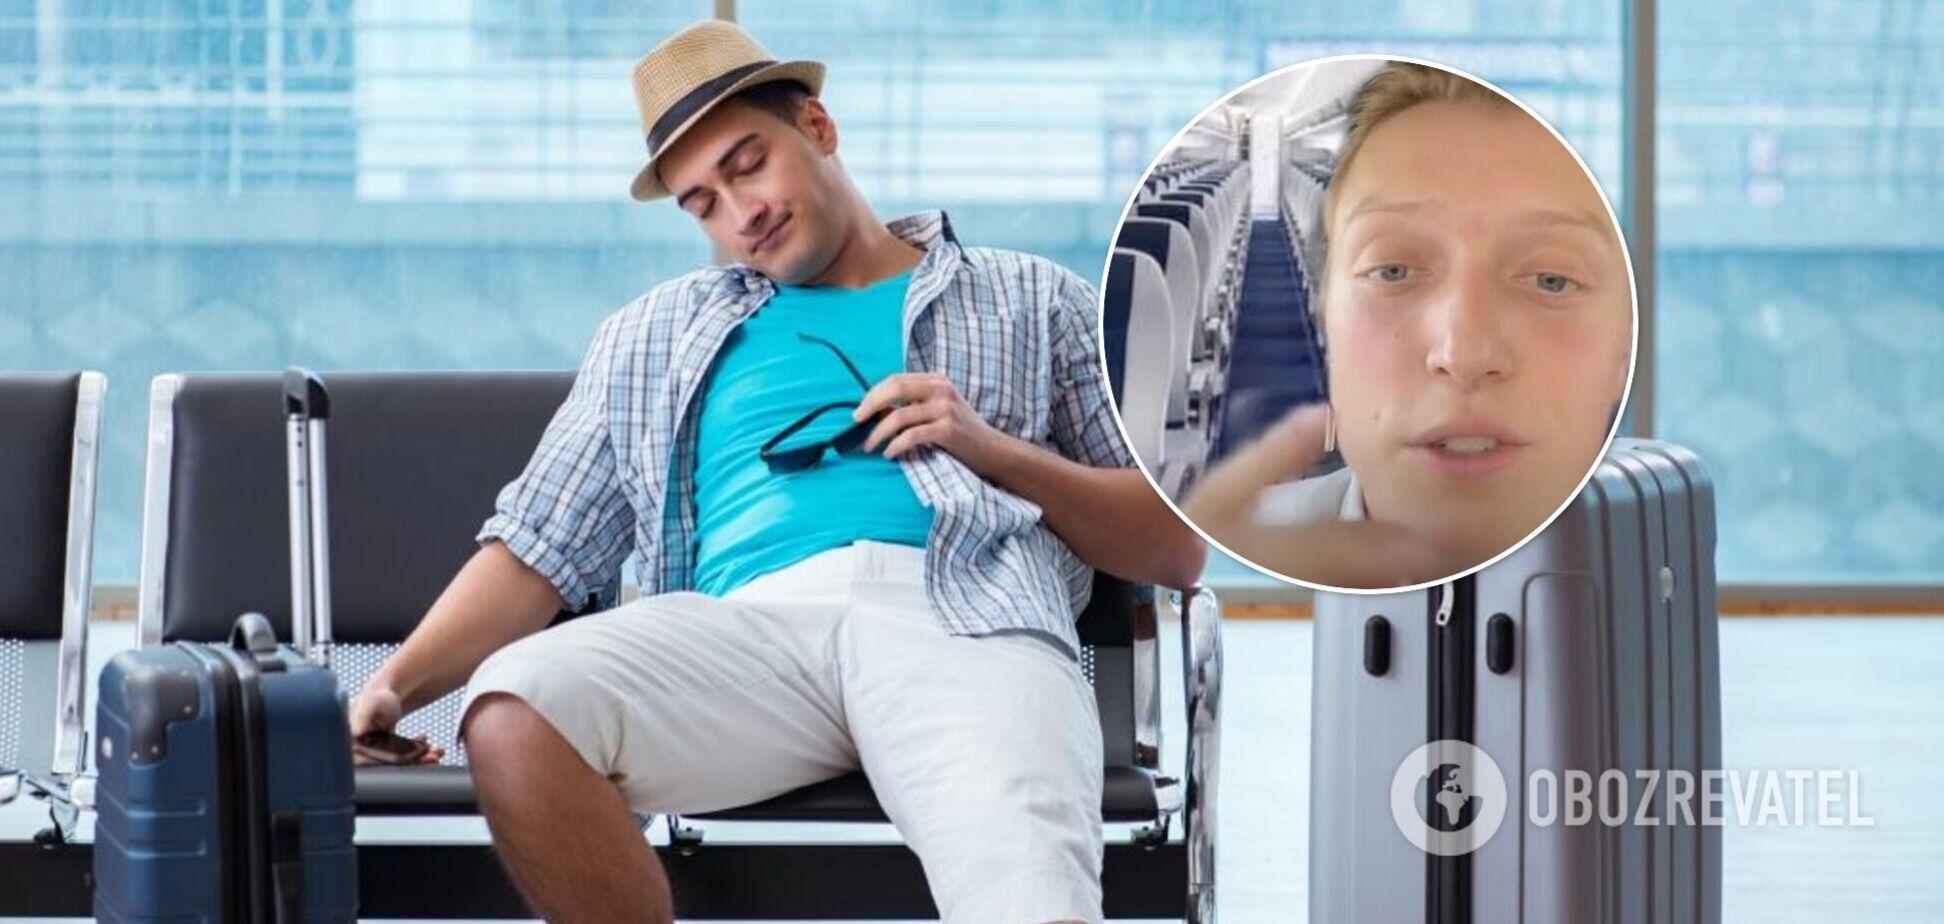 Почему в самолет нельзя надевать шорты: бортпроводник удивил ответом